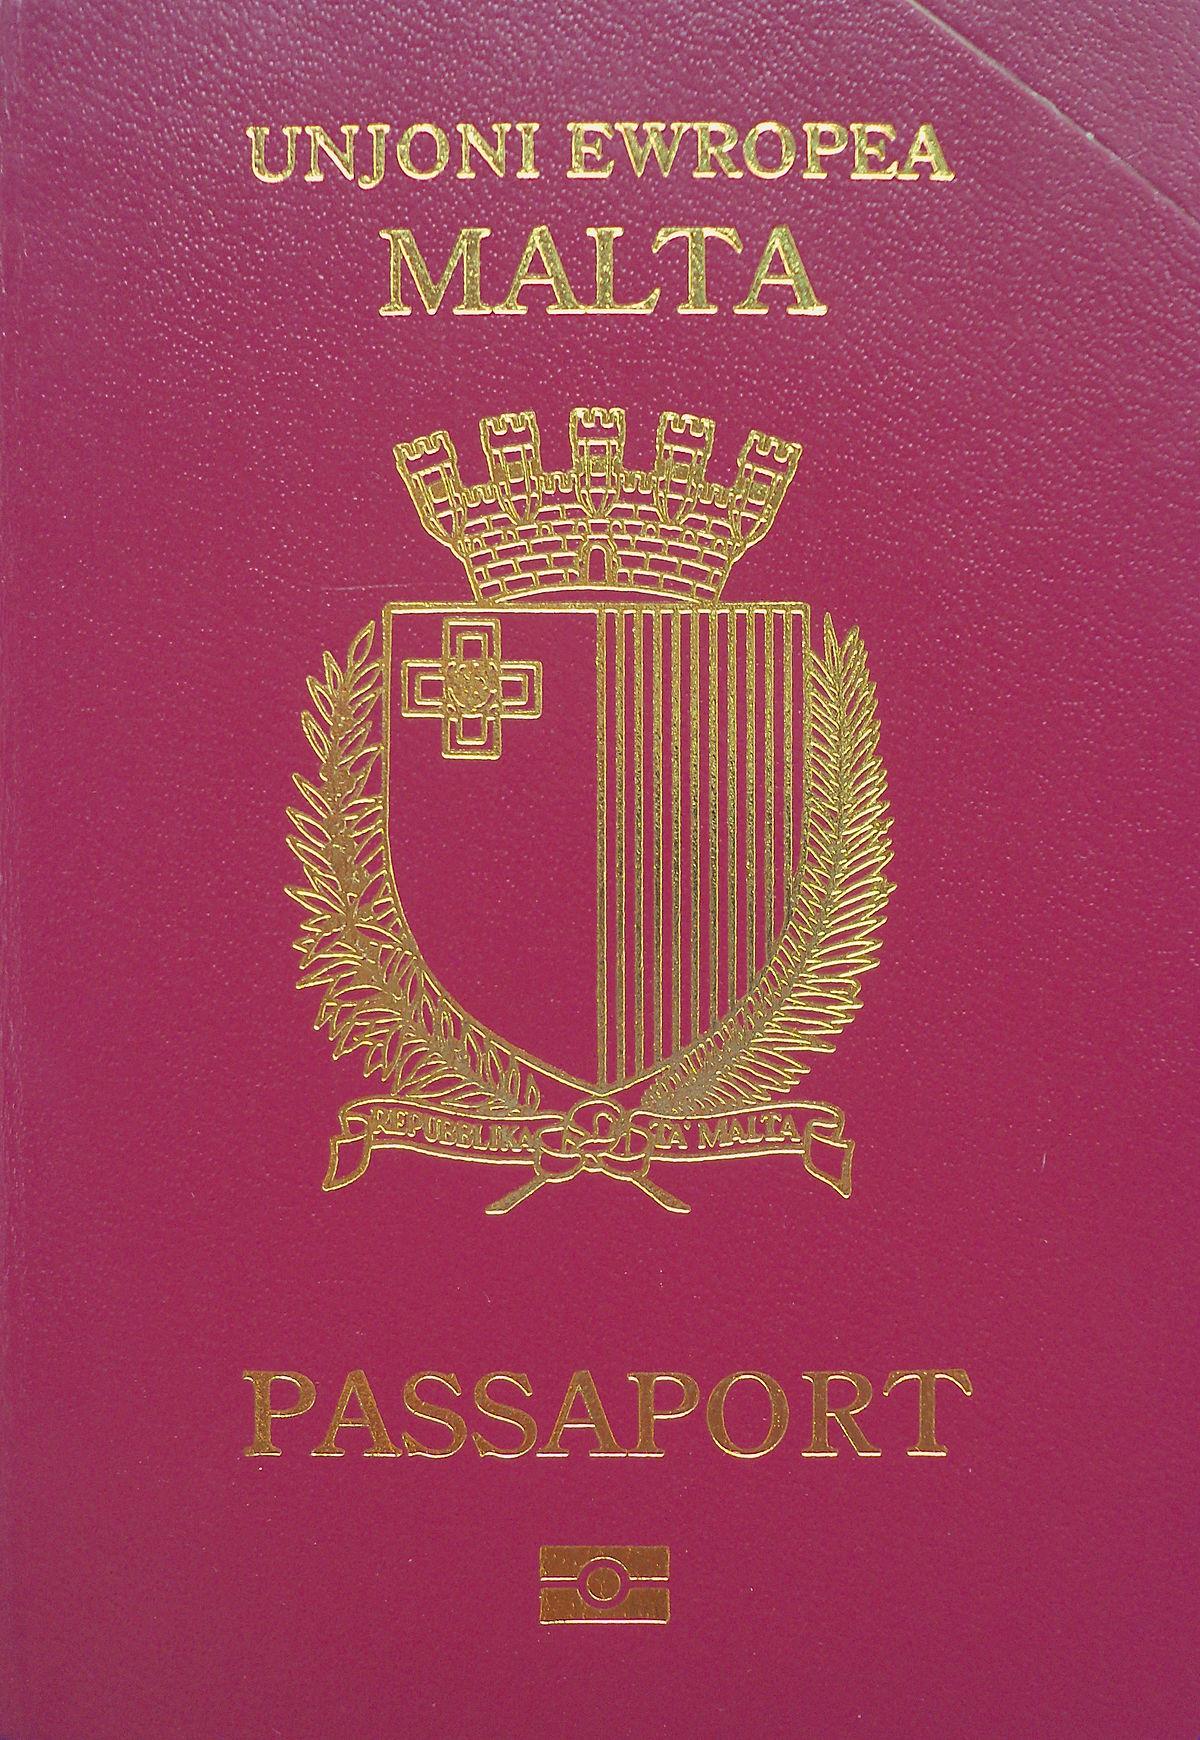 Как получить гражданство или вид на жительство (ВНЖ) Мальты за инвестиции или при покупке недвижимости